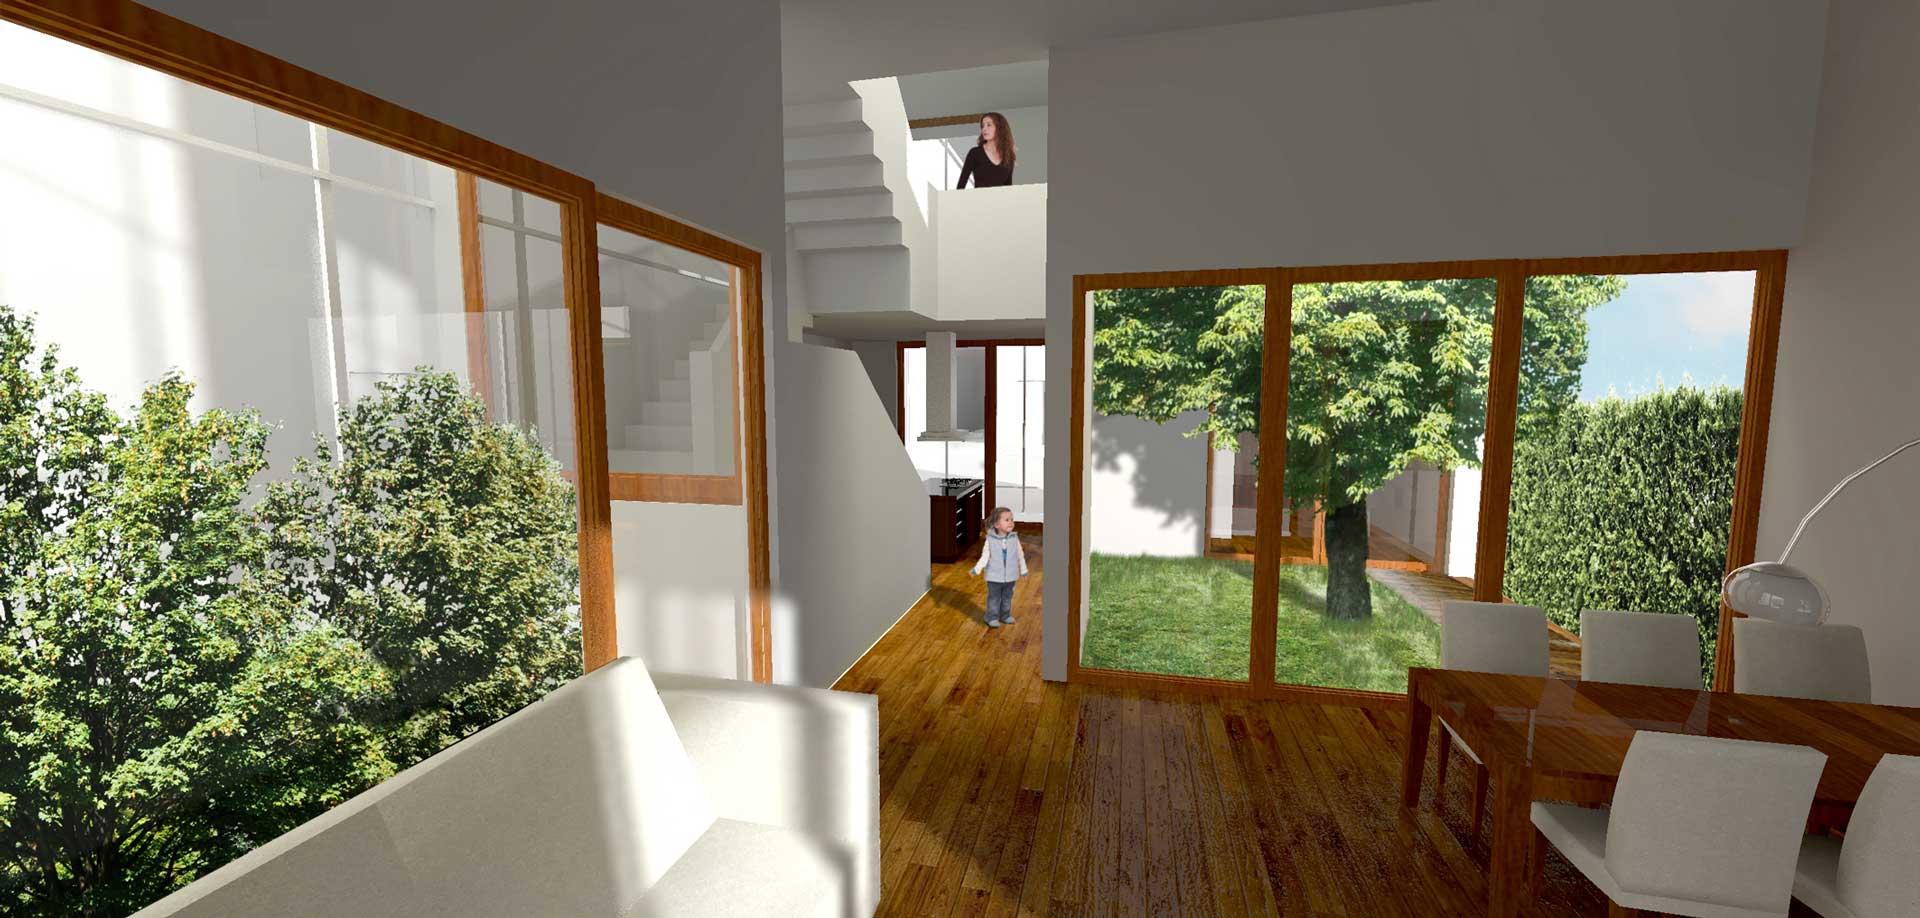 1-D&E_interieur